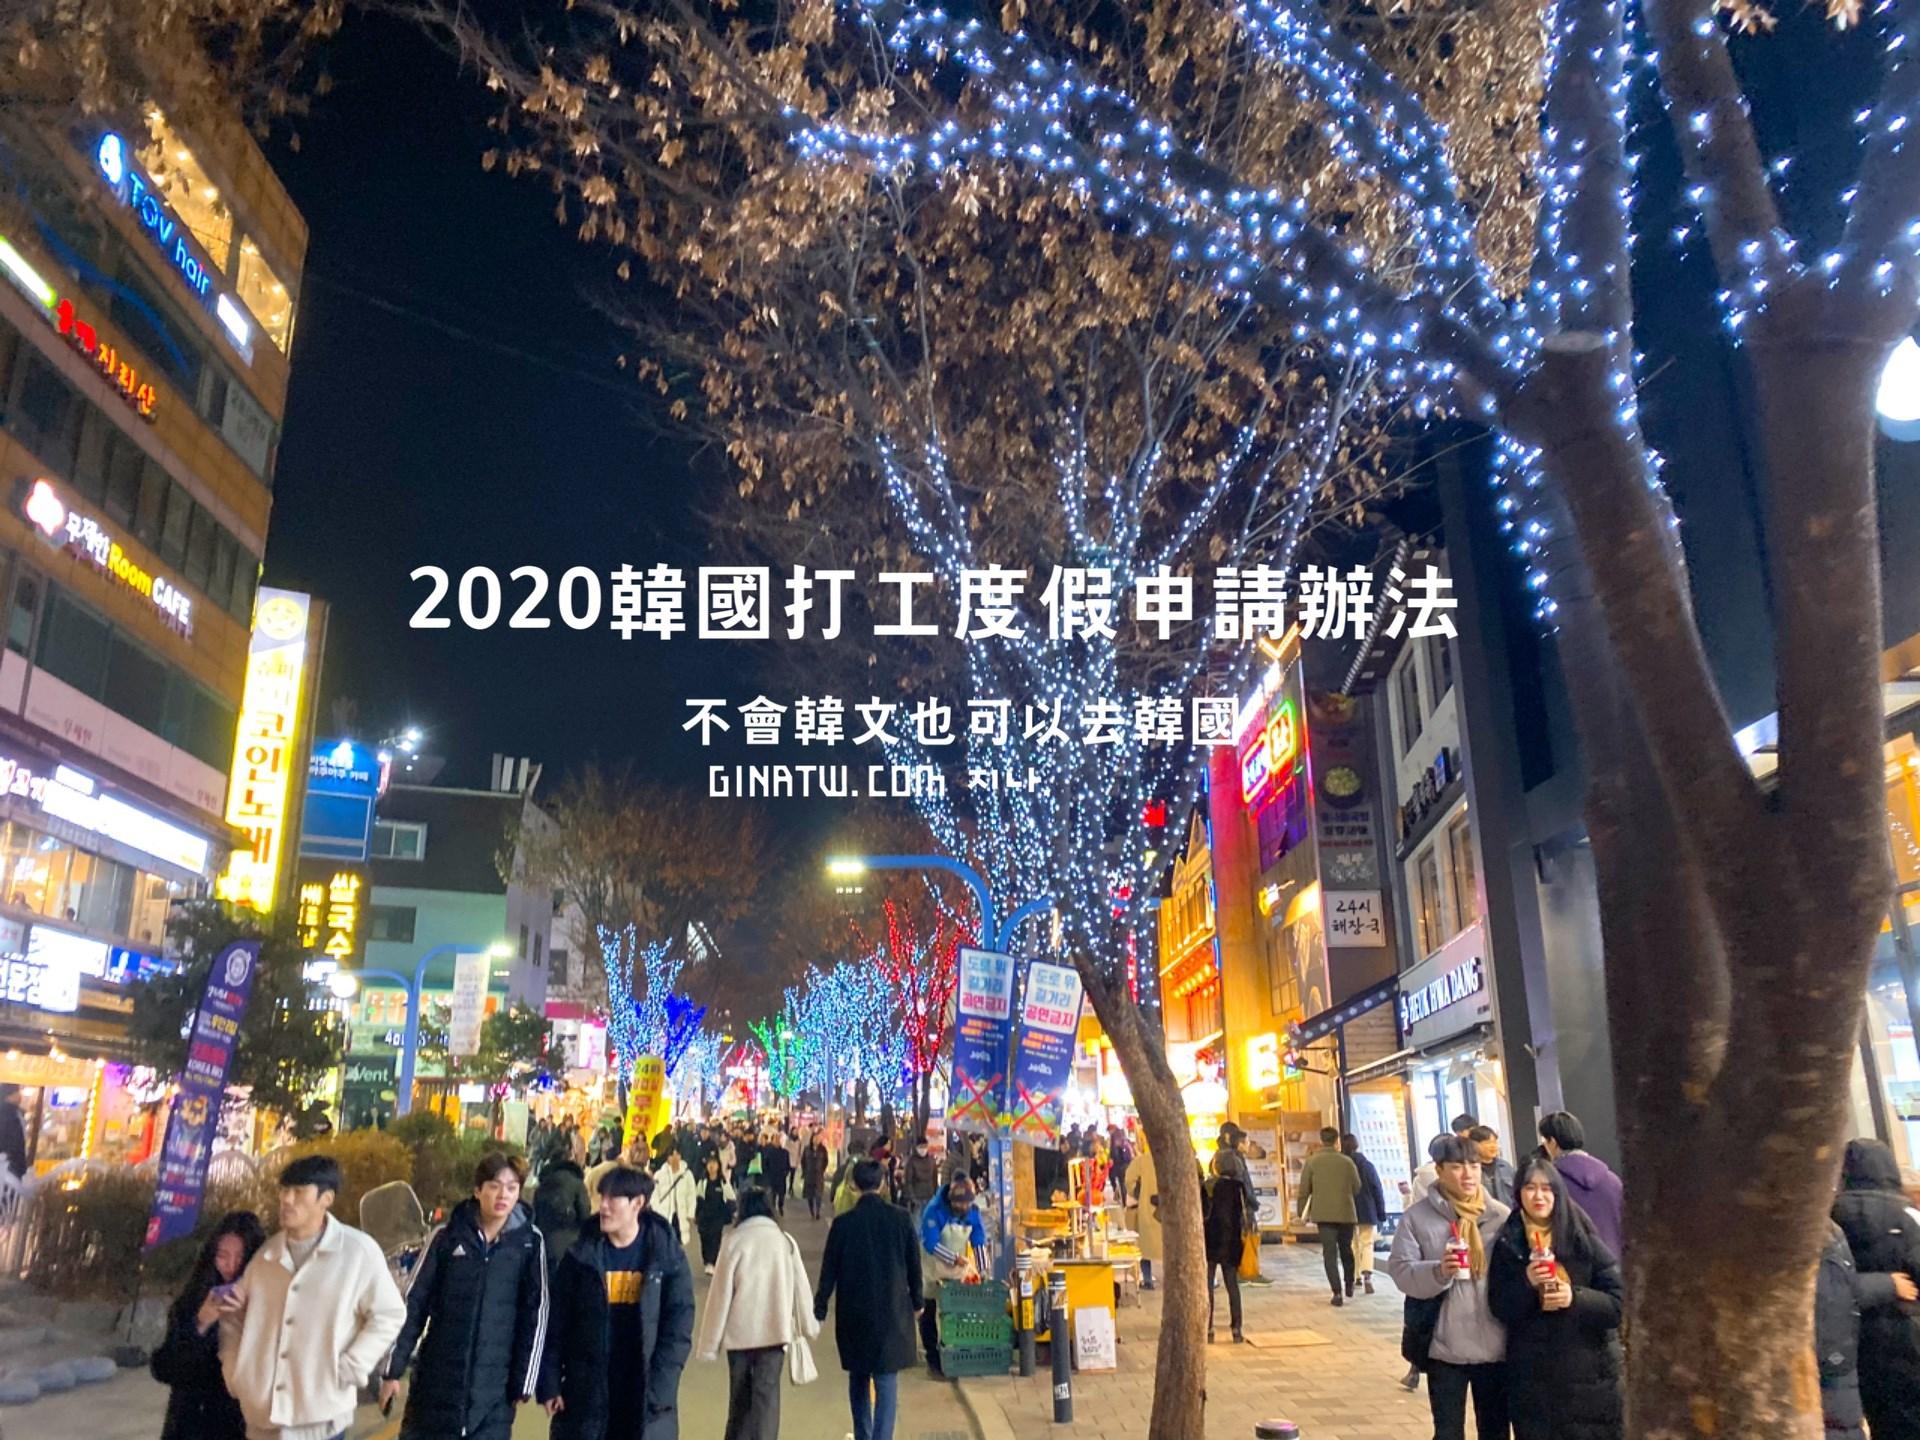 【韓國打工度假】2020申請辦法/準備資料/簽證/保險 @GINA LIN